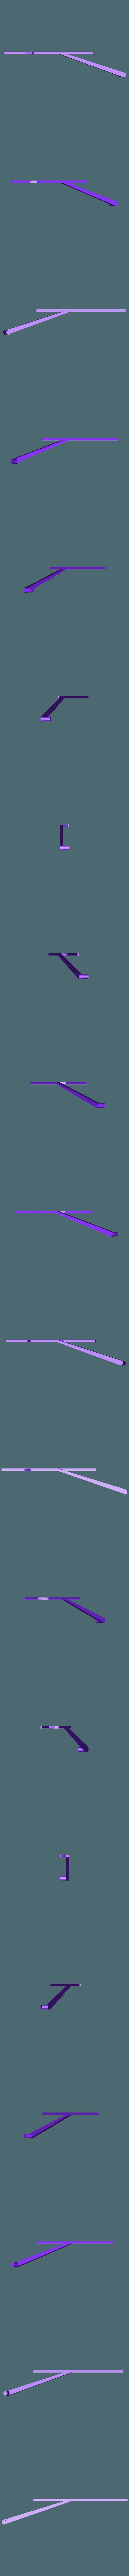 Wiper.stl Descargar archivo STL CHEVY VAN G20 RC BODY SCALER AXIAL MST TRX4 RC4WD • Modelo para imprimir en 3D, ilyakapitonov